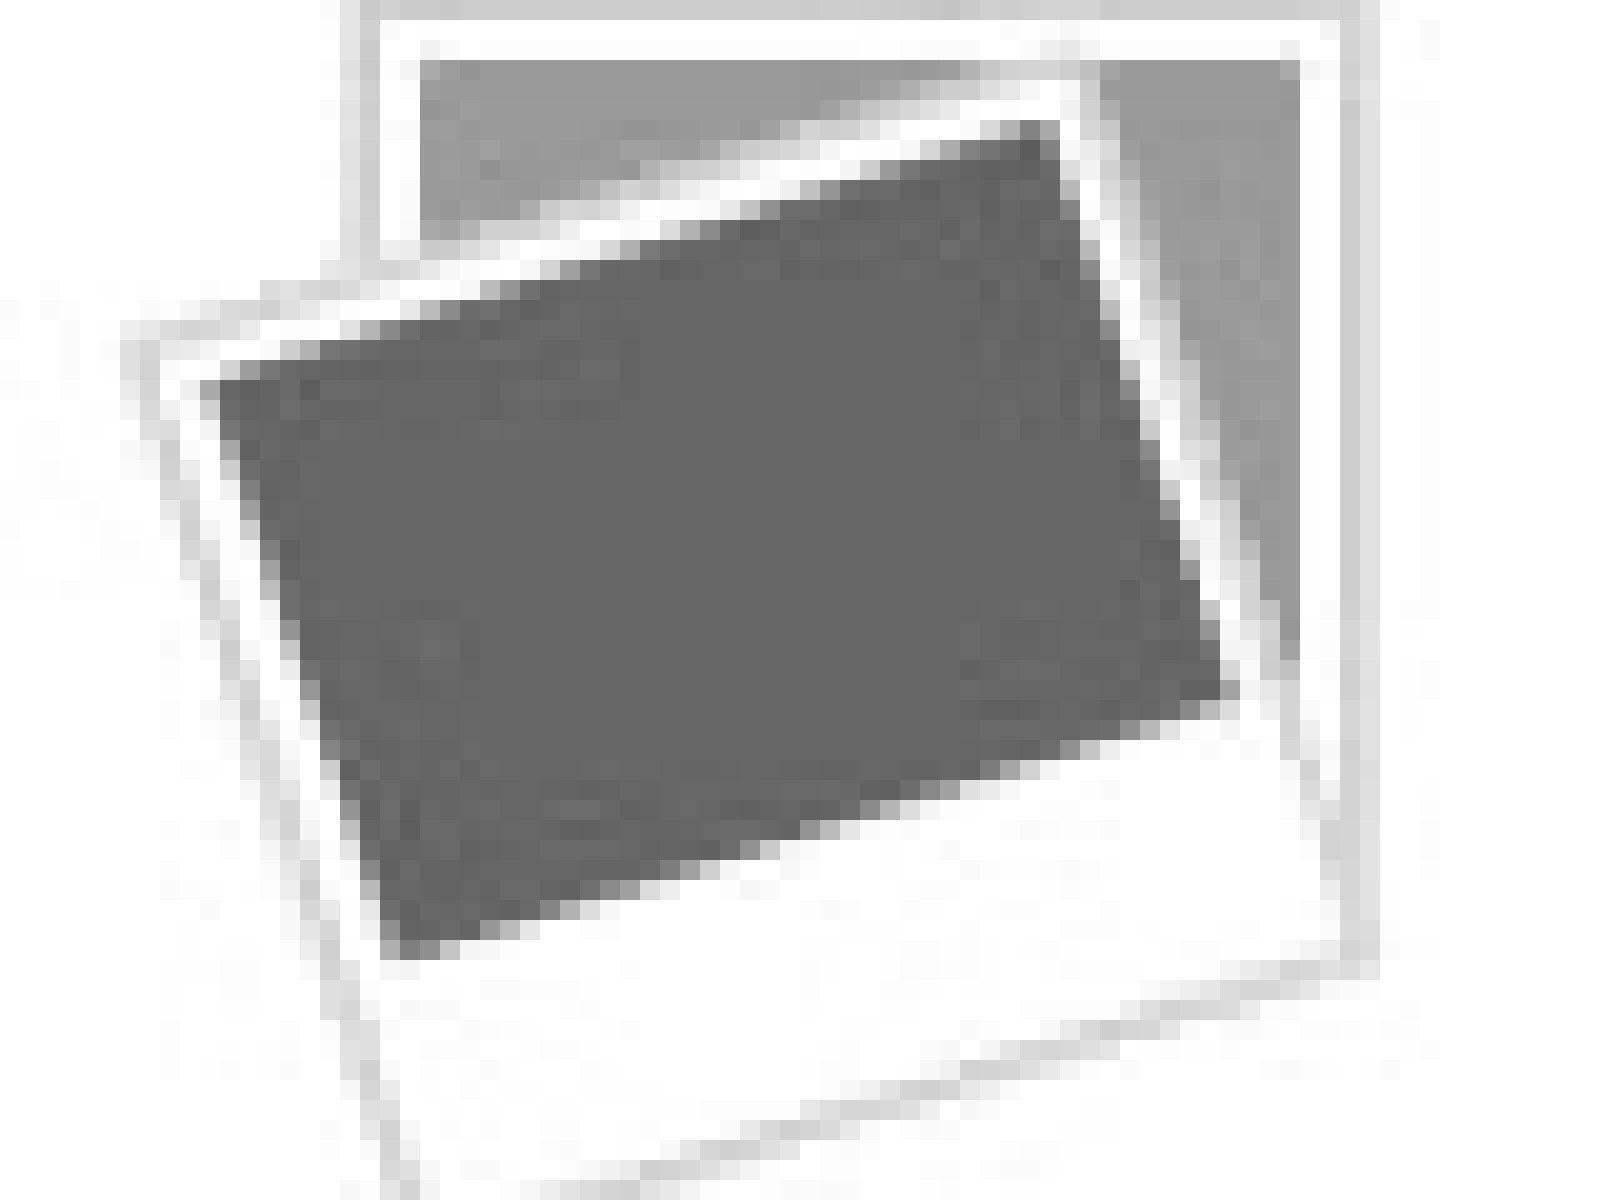 mosaic visual 3d hd projector screen mv-3100 w/ ikon is72 digital